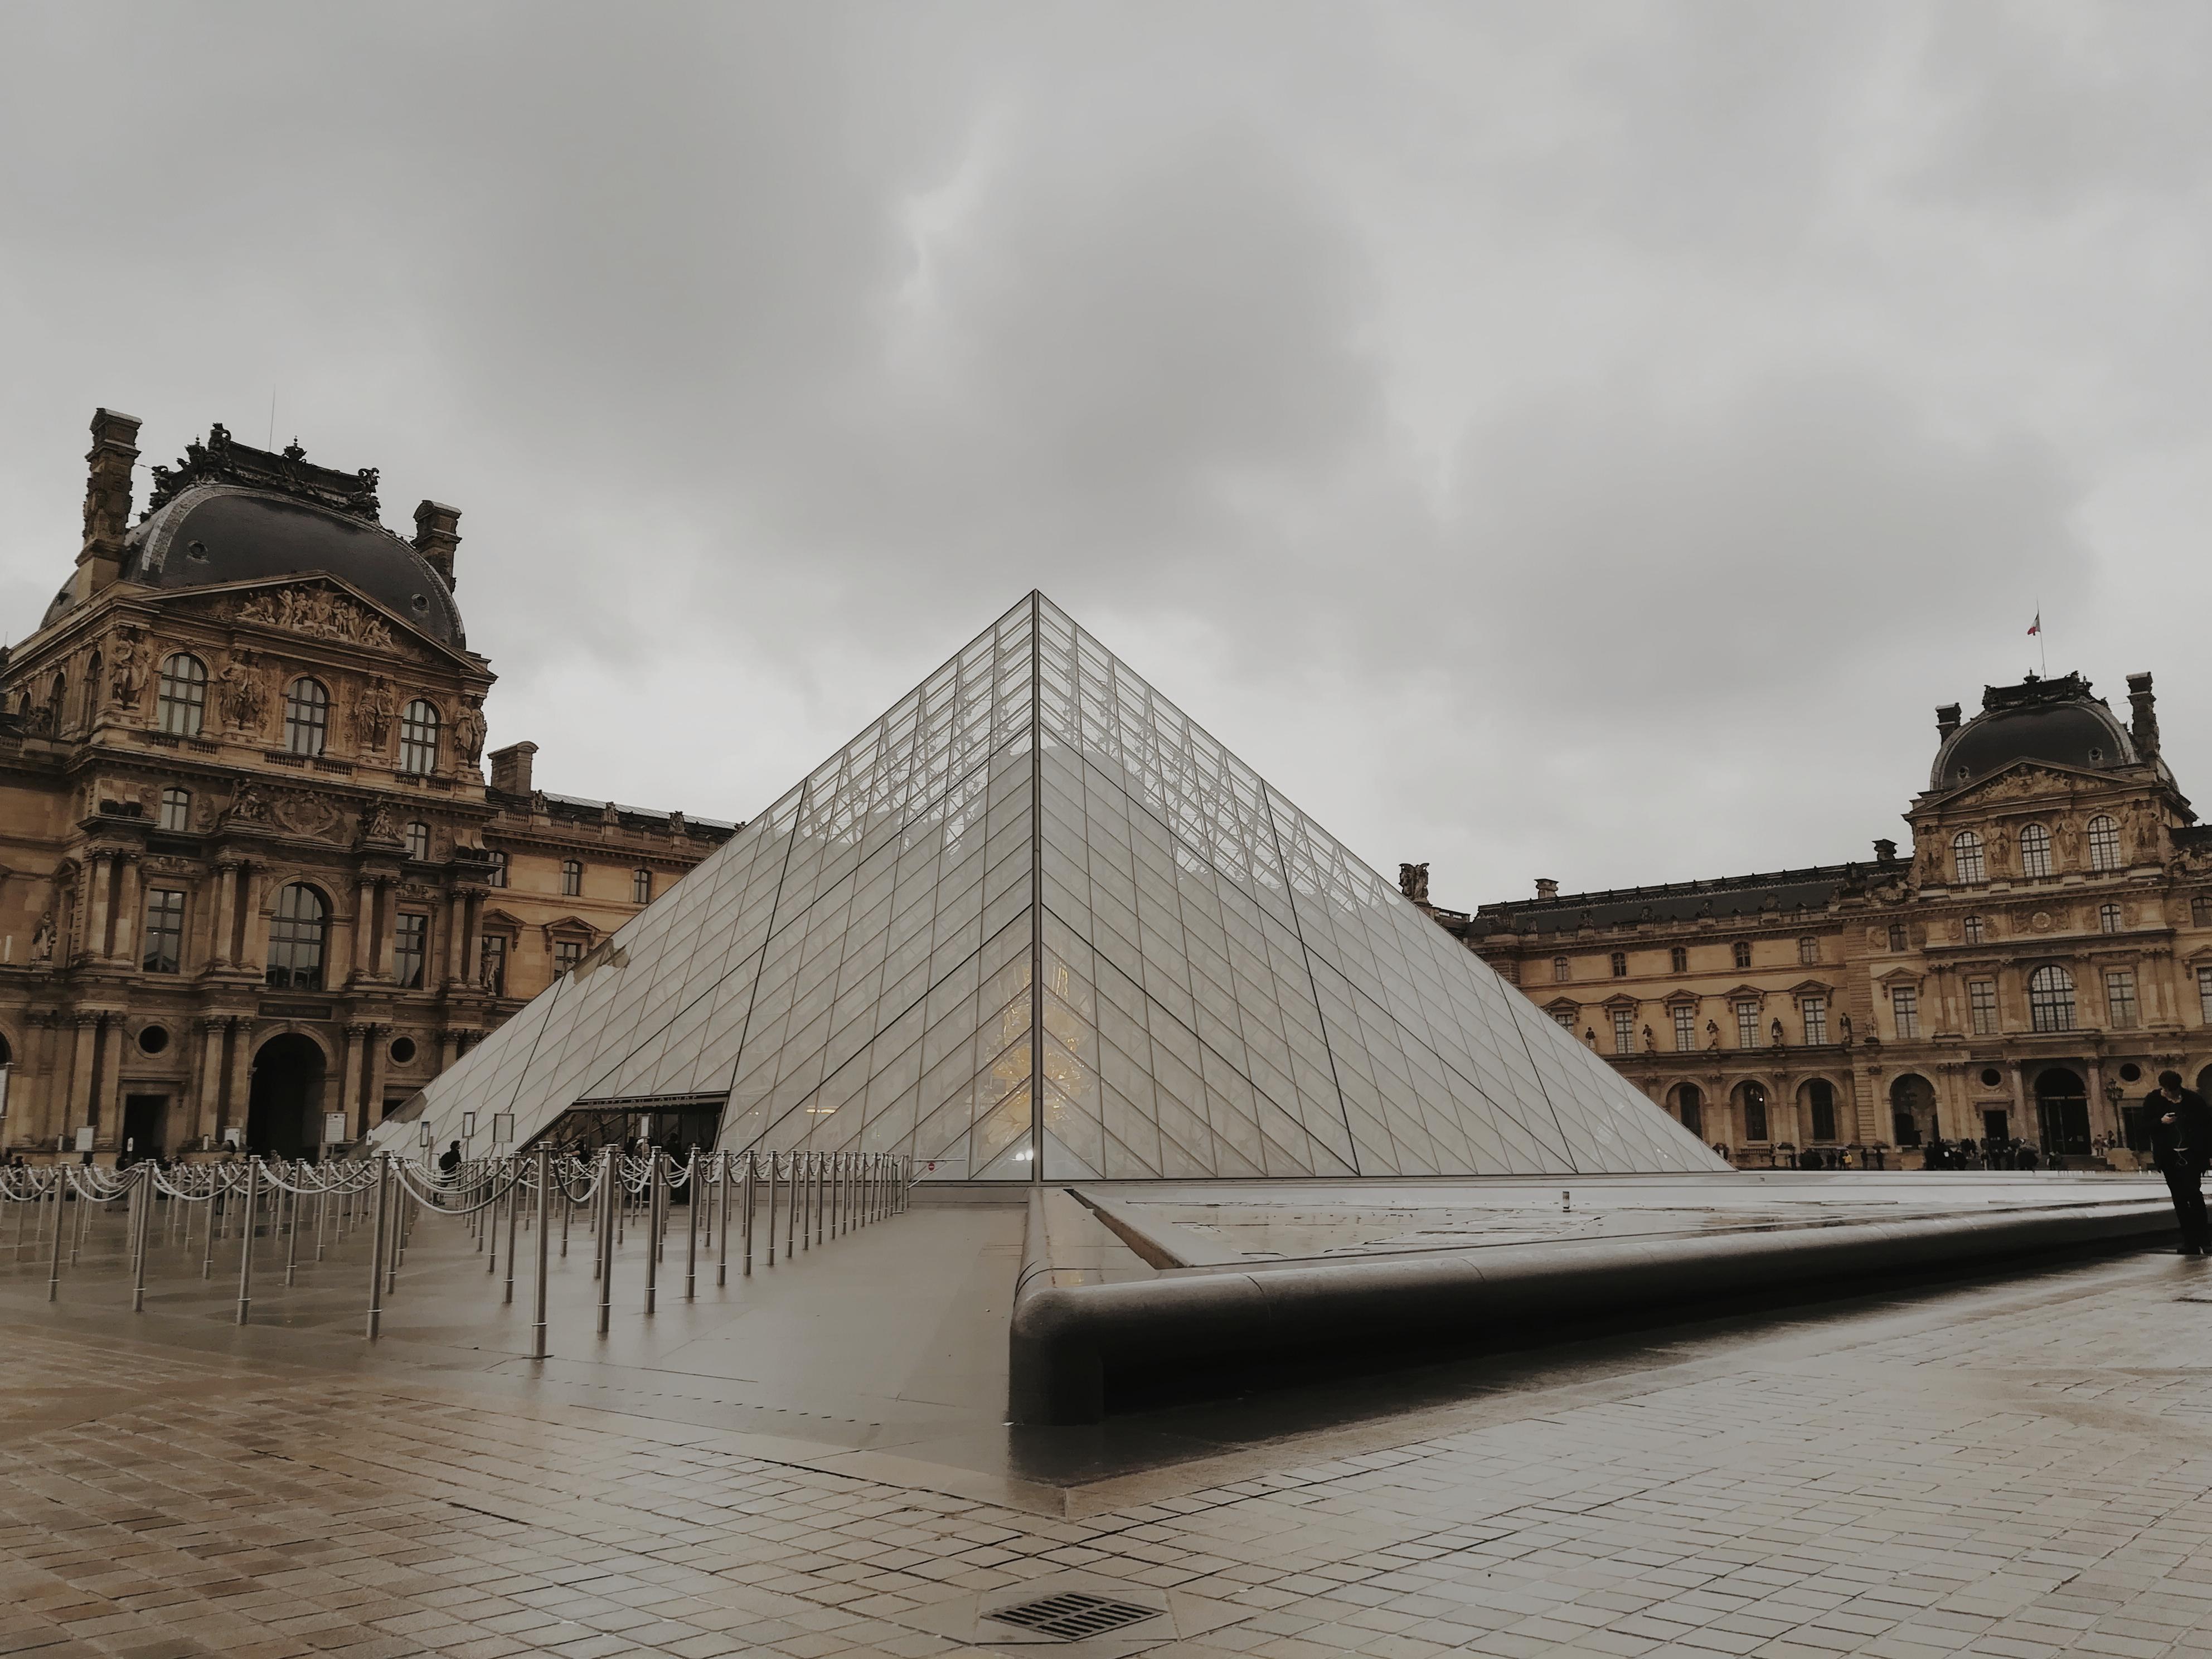 piramida-w-luwrze-wejscie-do-luwru